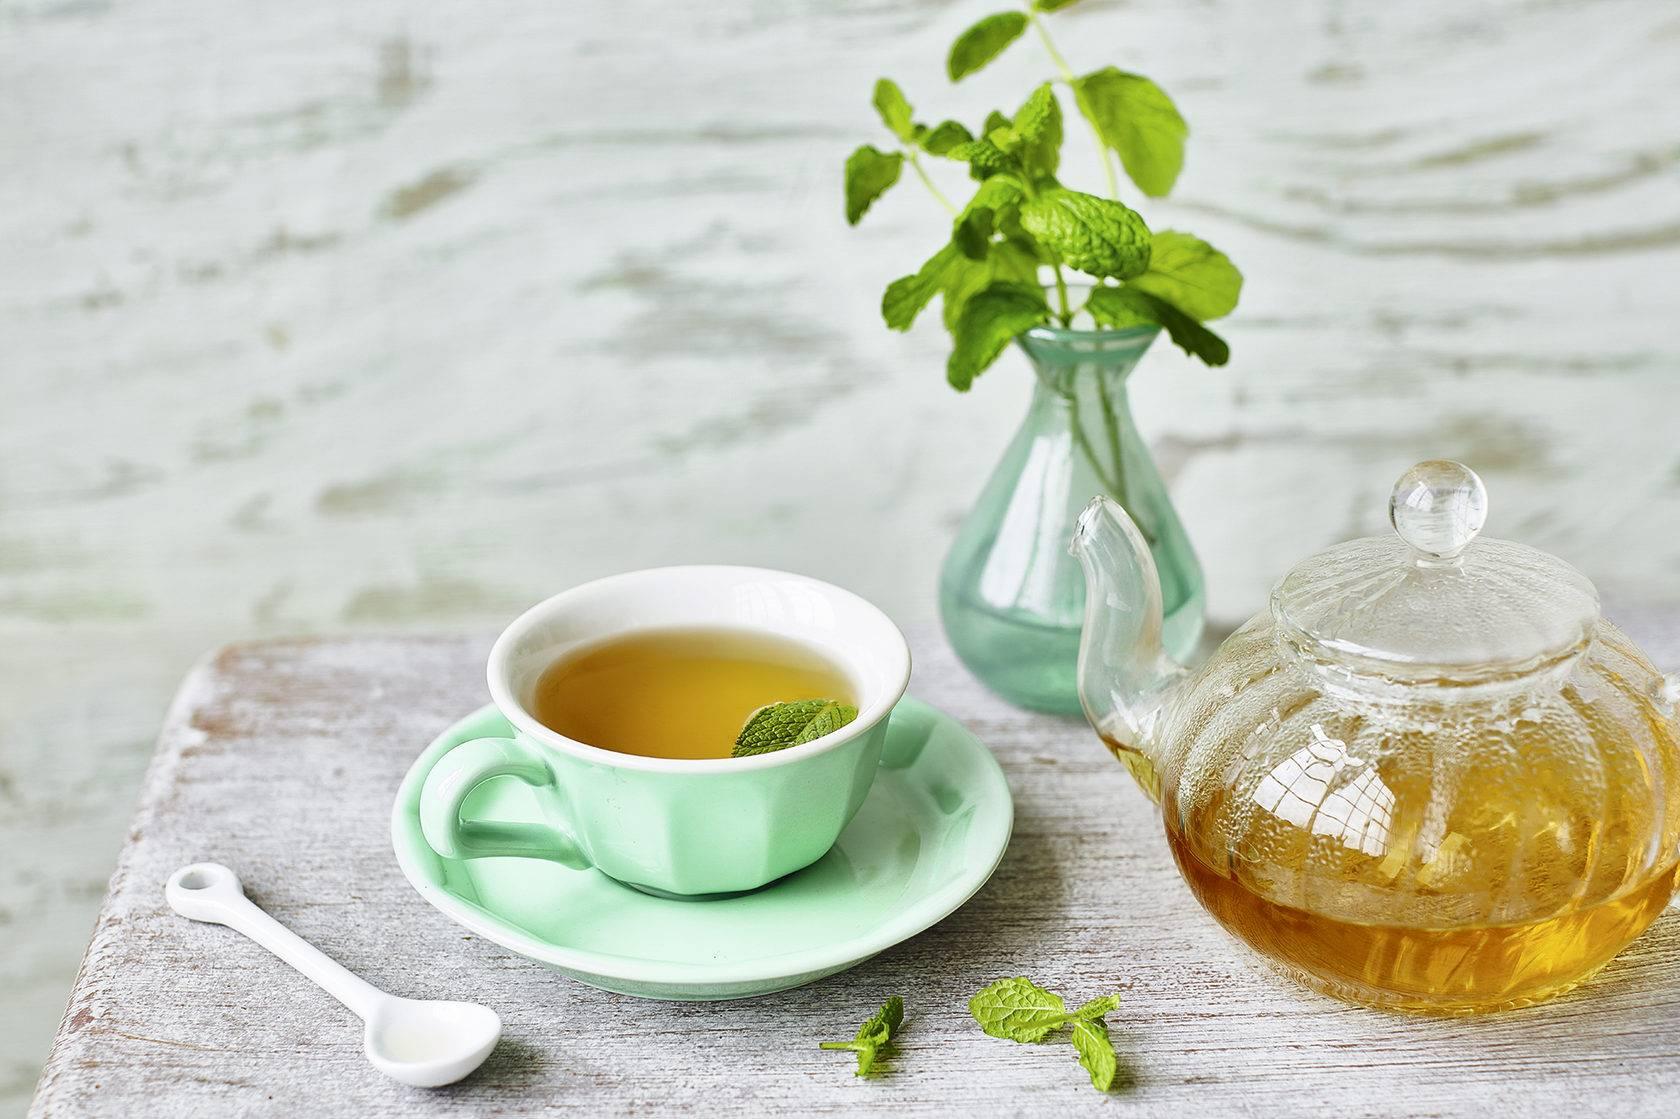 Чай гинкго билоба: инструкция по применению